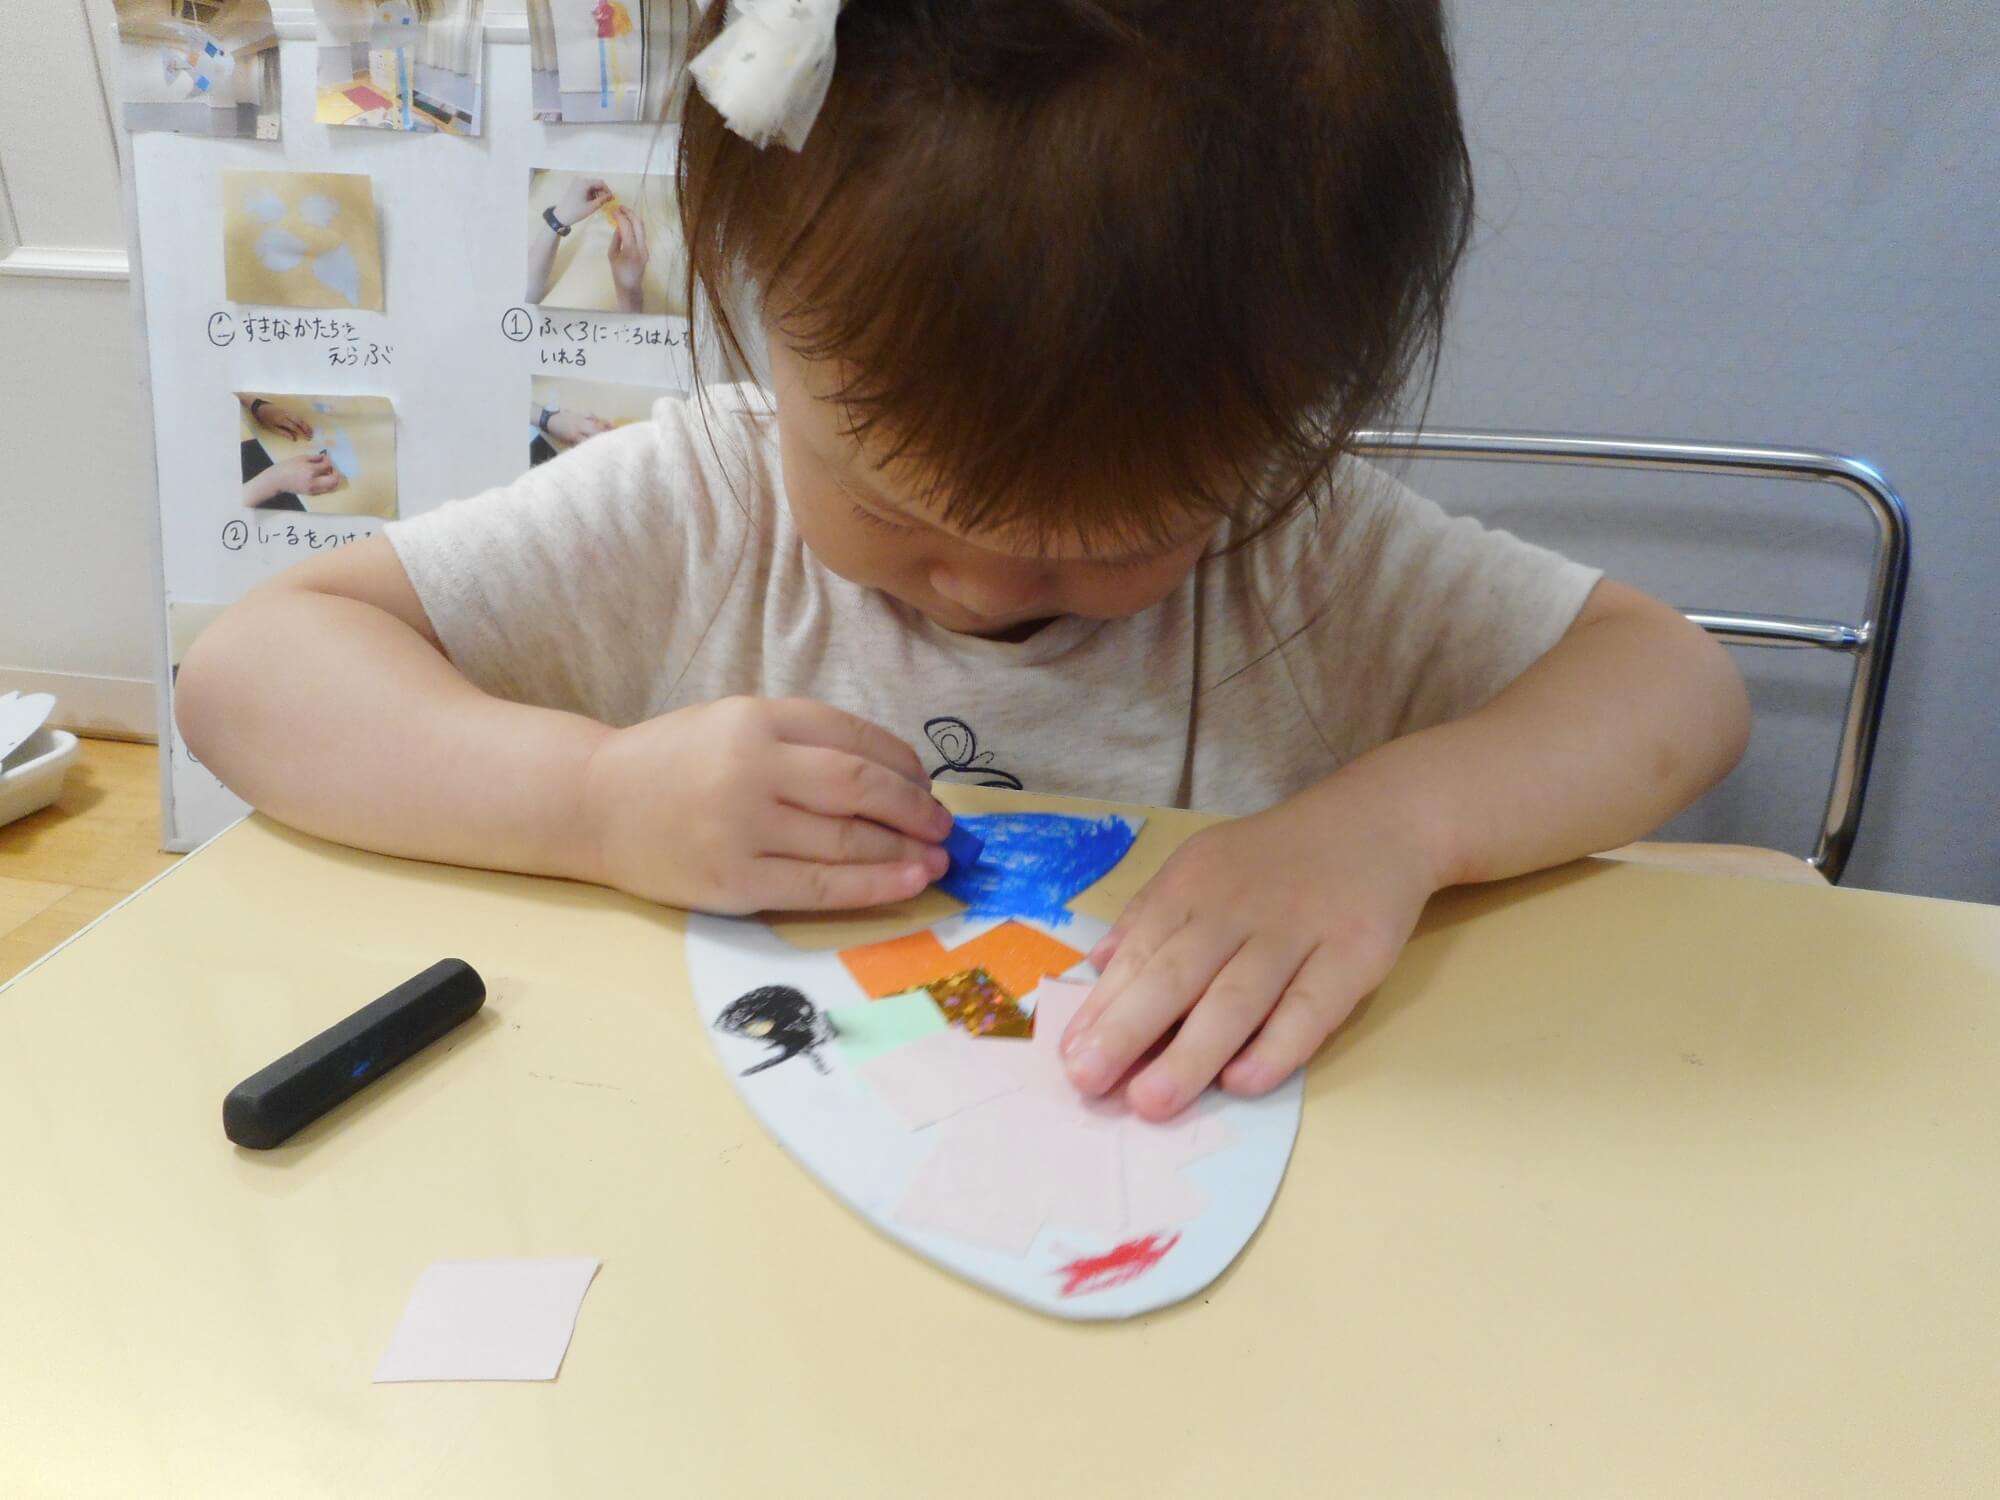 クレヨンで絵を描く子ども